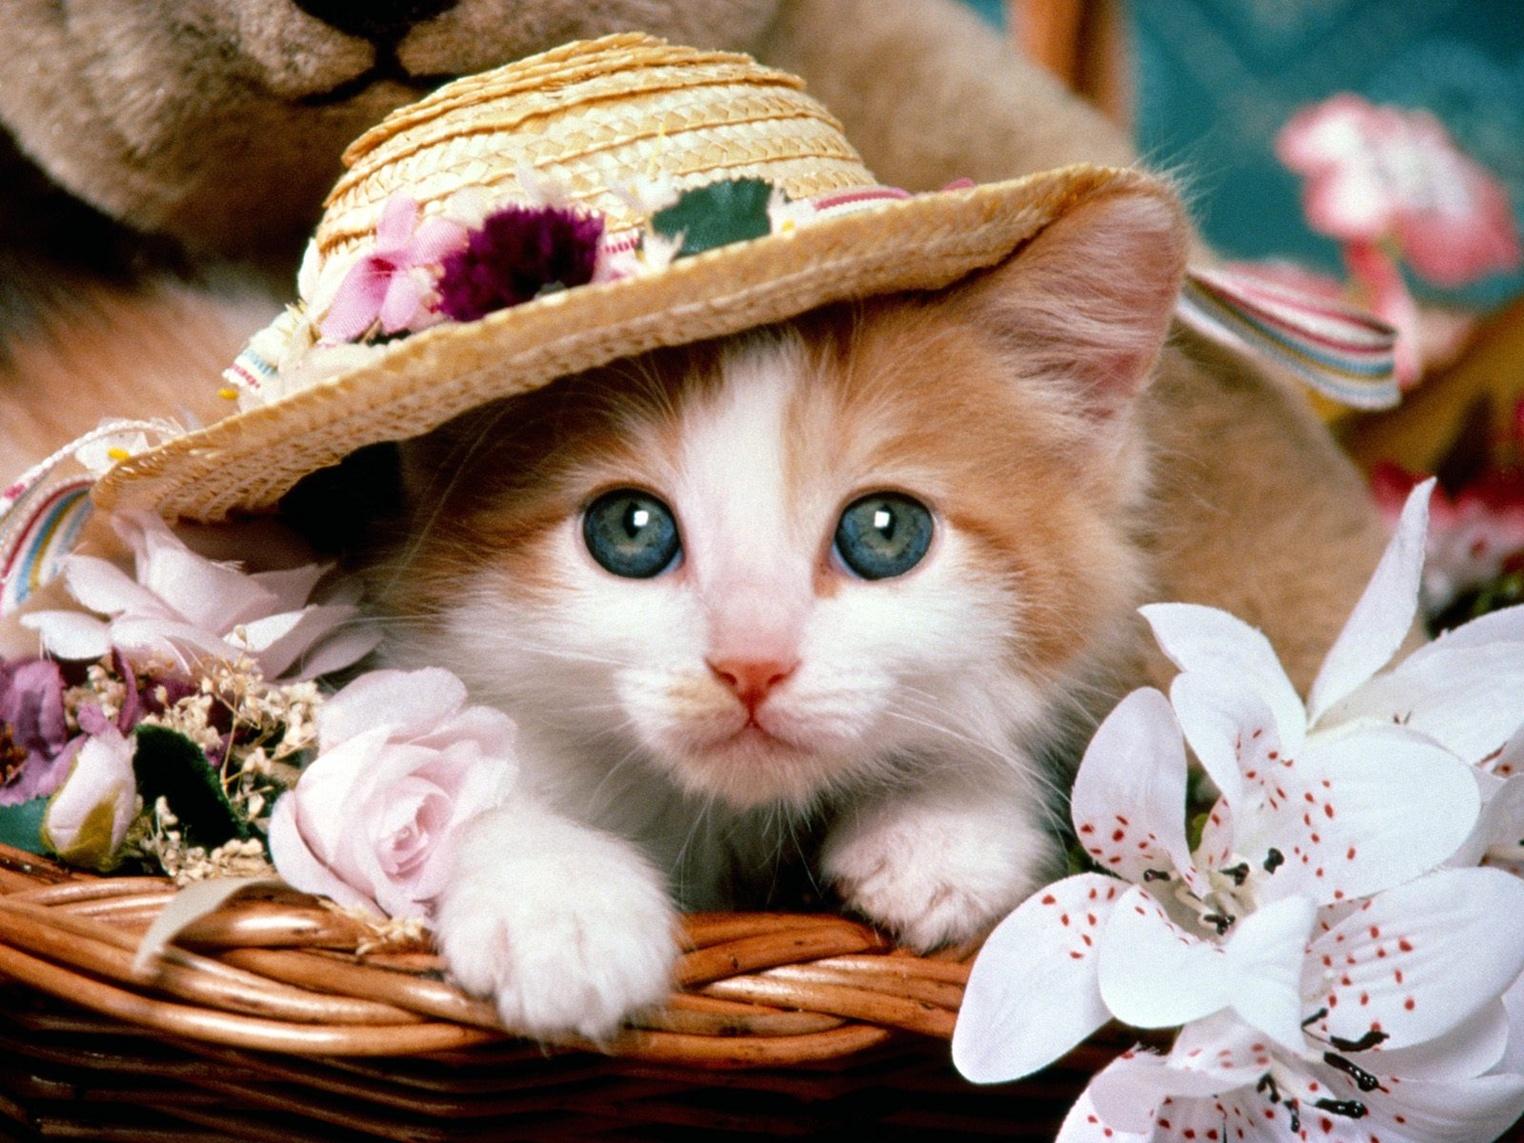 cute-cat-wallpapers-kittencute-cat-wallpaper-desktop-xpx-kb-culut-xtwoemm